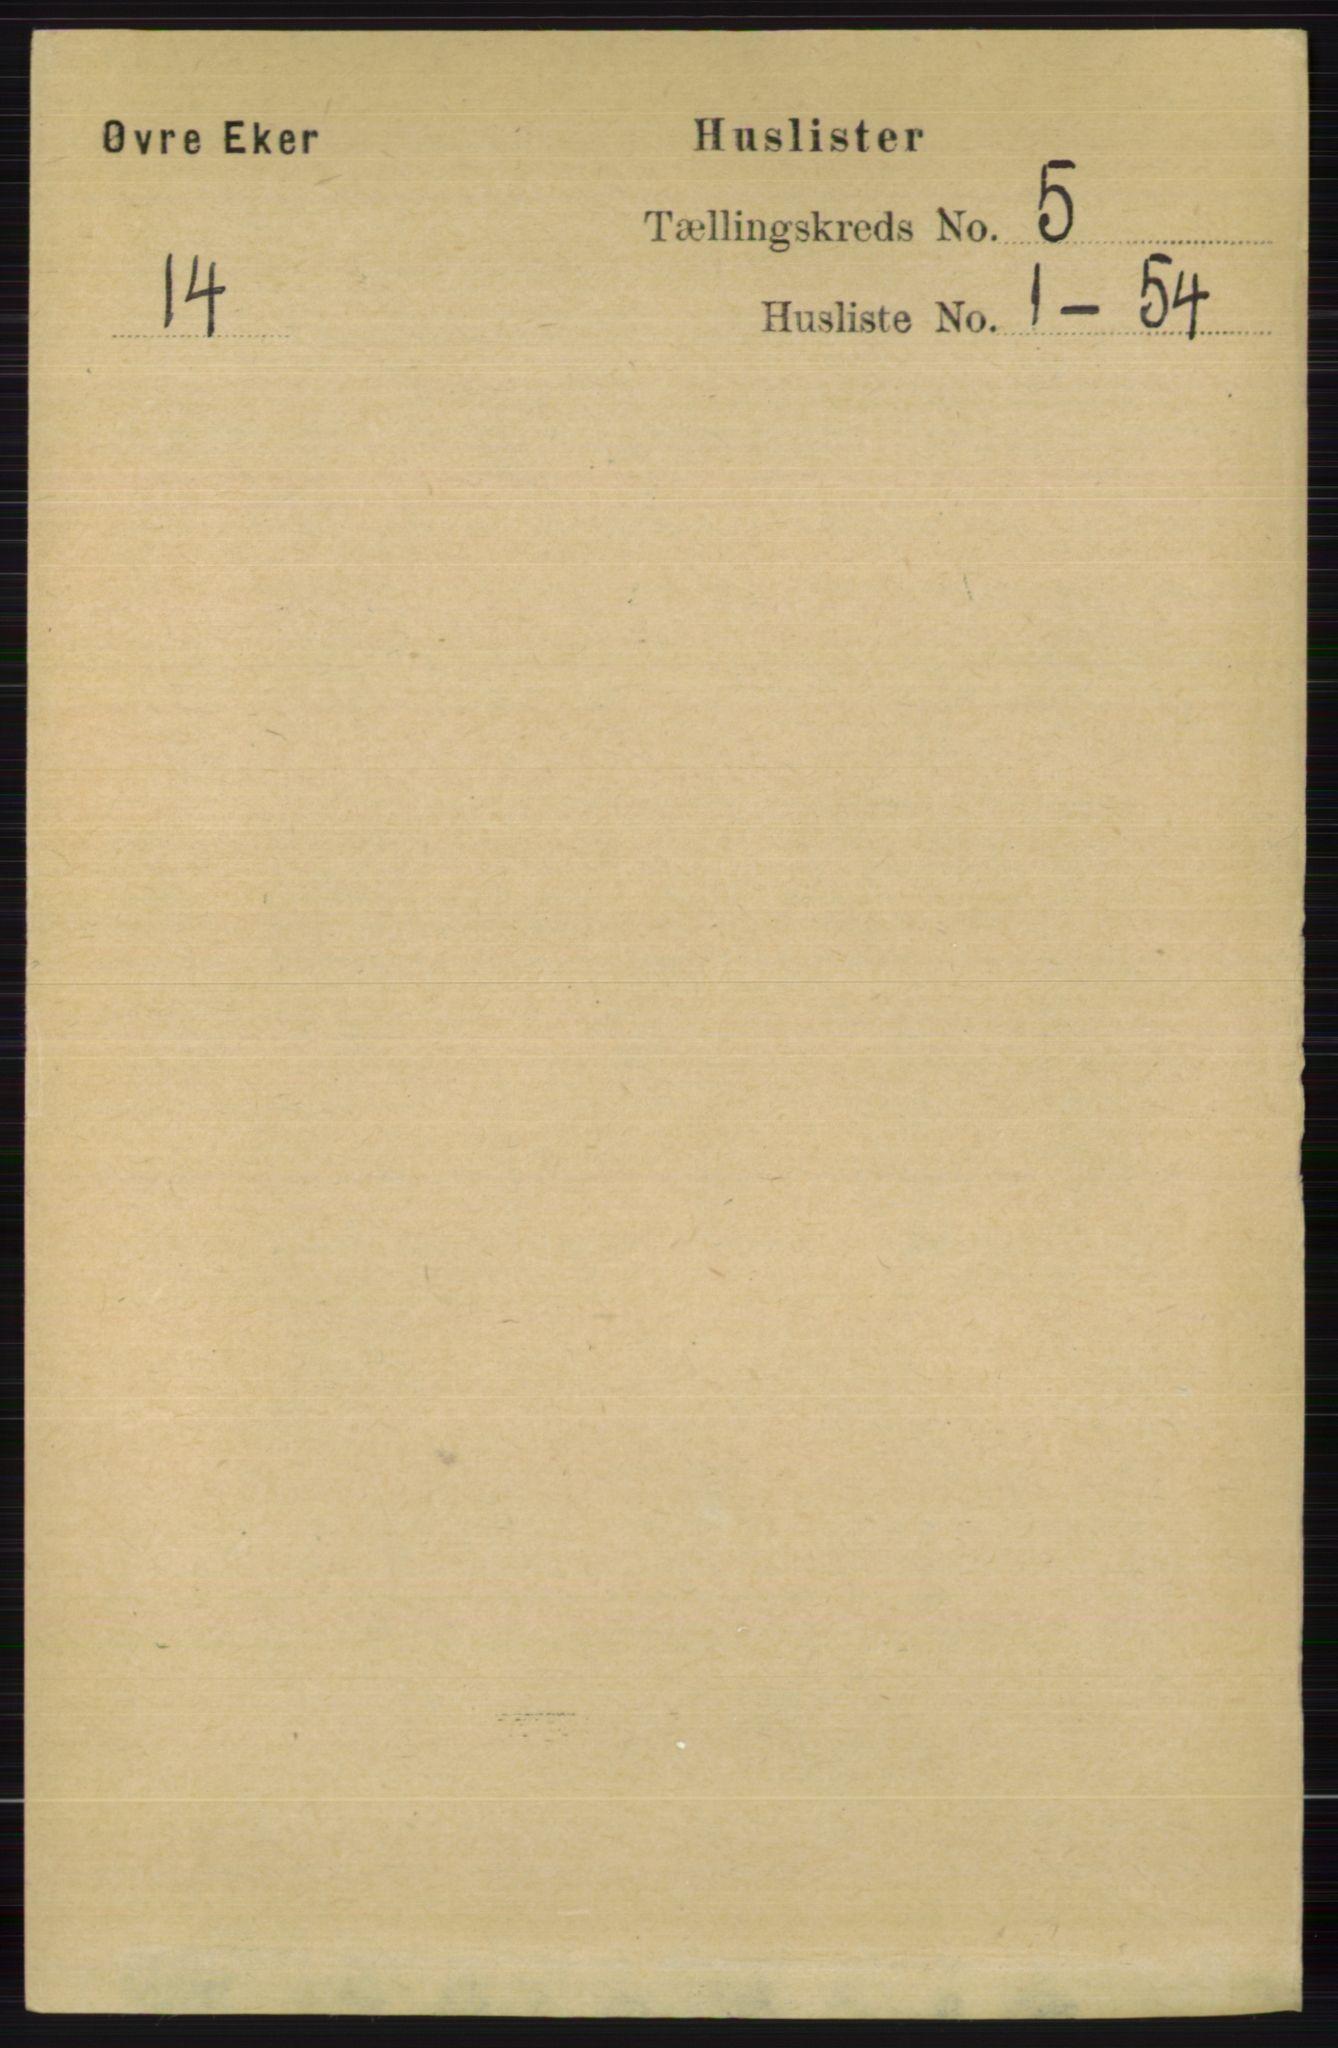 RA, Folketelling 1891 for 0624 Øvre Eiker herred, 1891, s. 1772